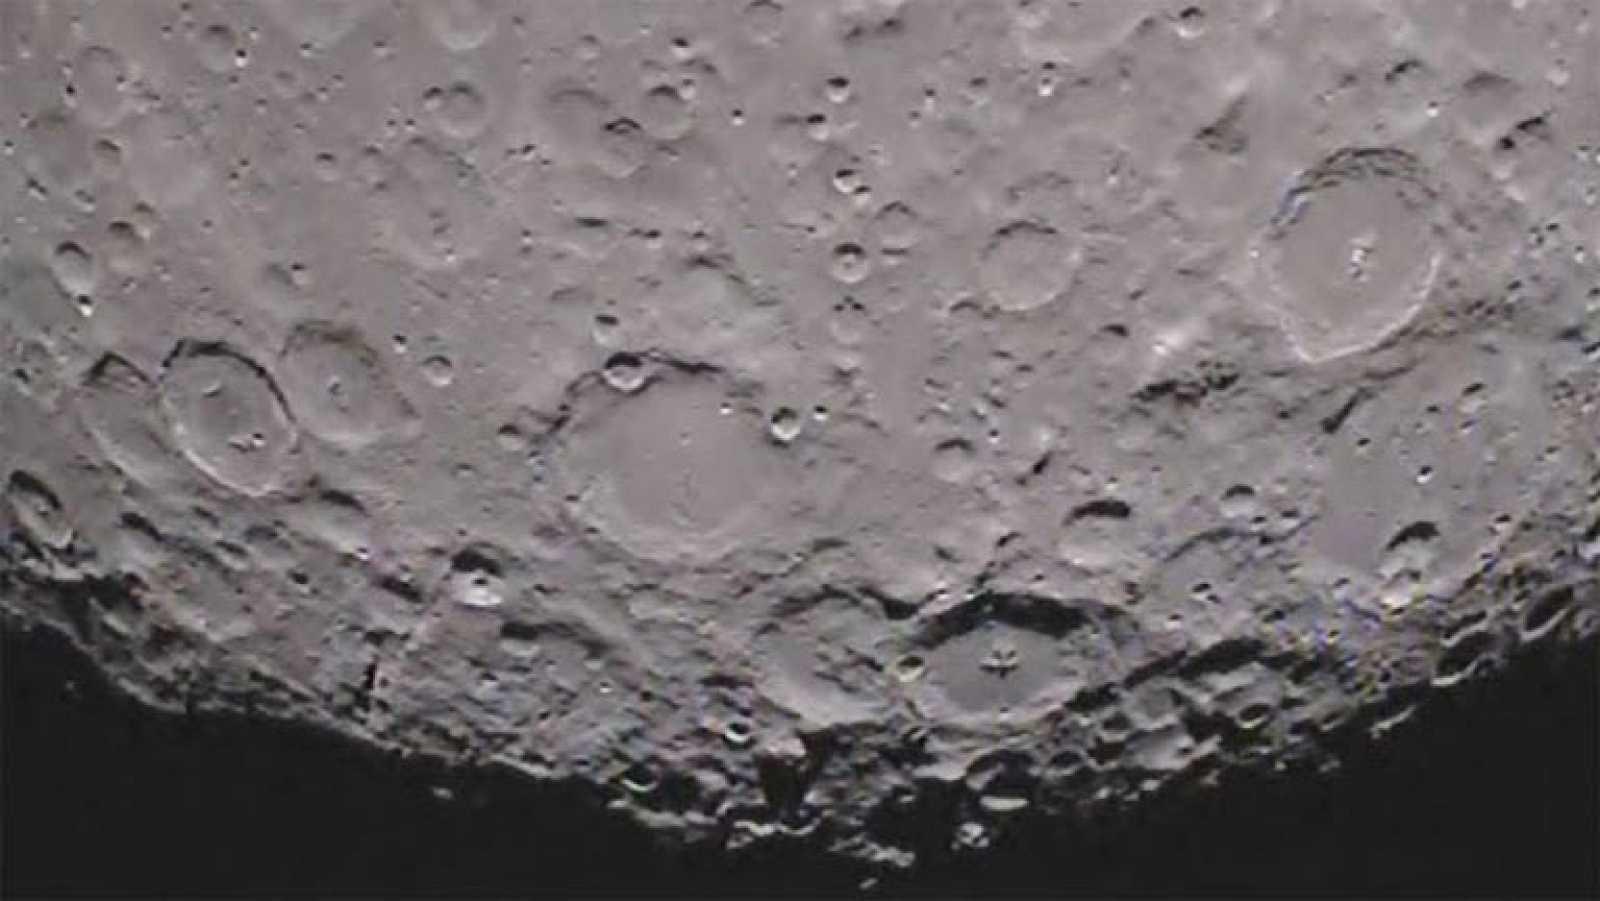 Una cámara a bordo de una de las sondas gemelas de la misión GRAIL de la NASA ha grabado por primera vez en vídeo la cara oculta de la luna. En las imágenes, el polo norte lunar aparece en la parte superior de la pantalla. Según informa la NASA, un